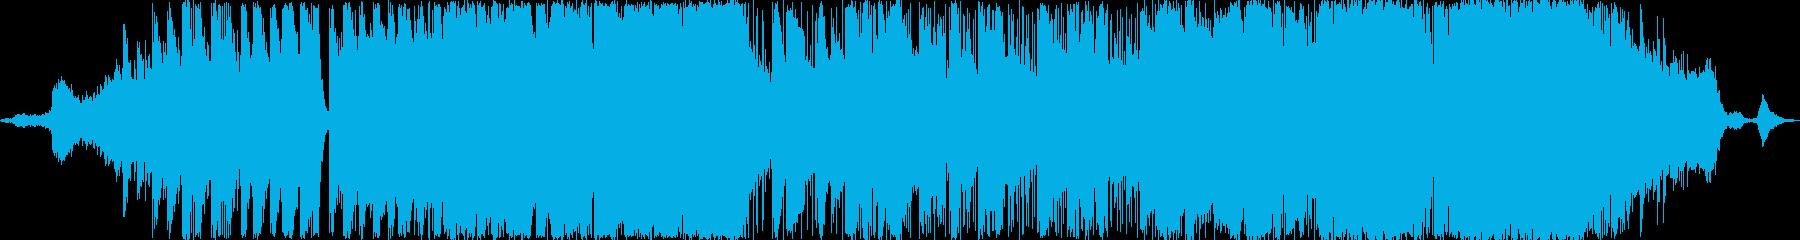 エレクトロニック 勝利者 静か 楽...の再生済みの波形